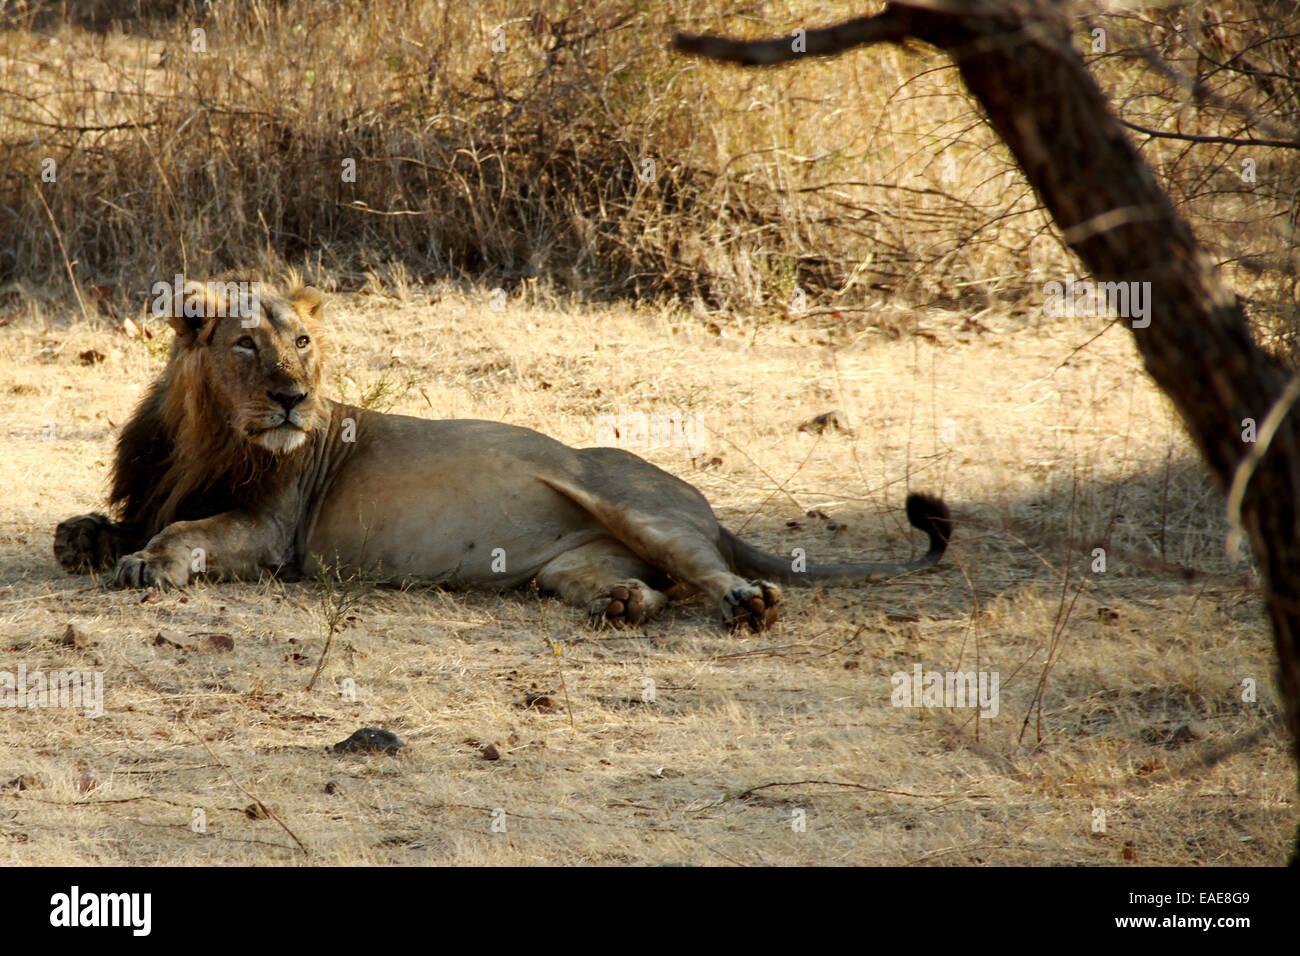 Asiatic Lion, Gir Forest, Sasan Gir, Gujarat, India - Stock Image